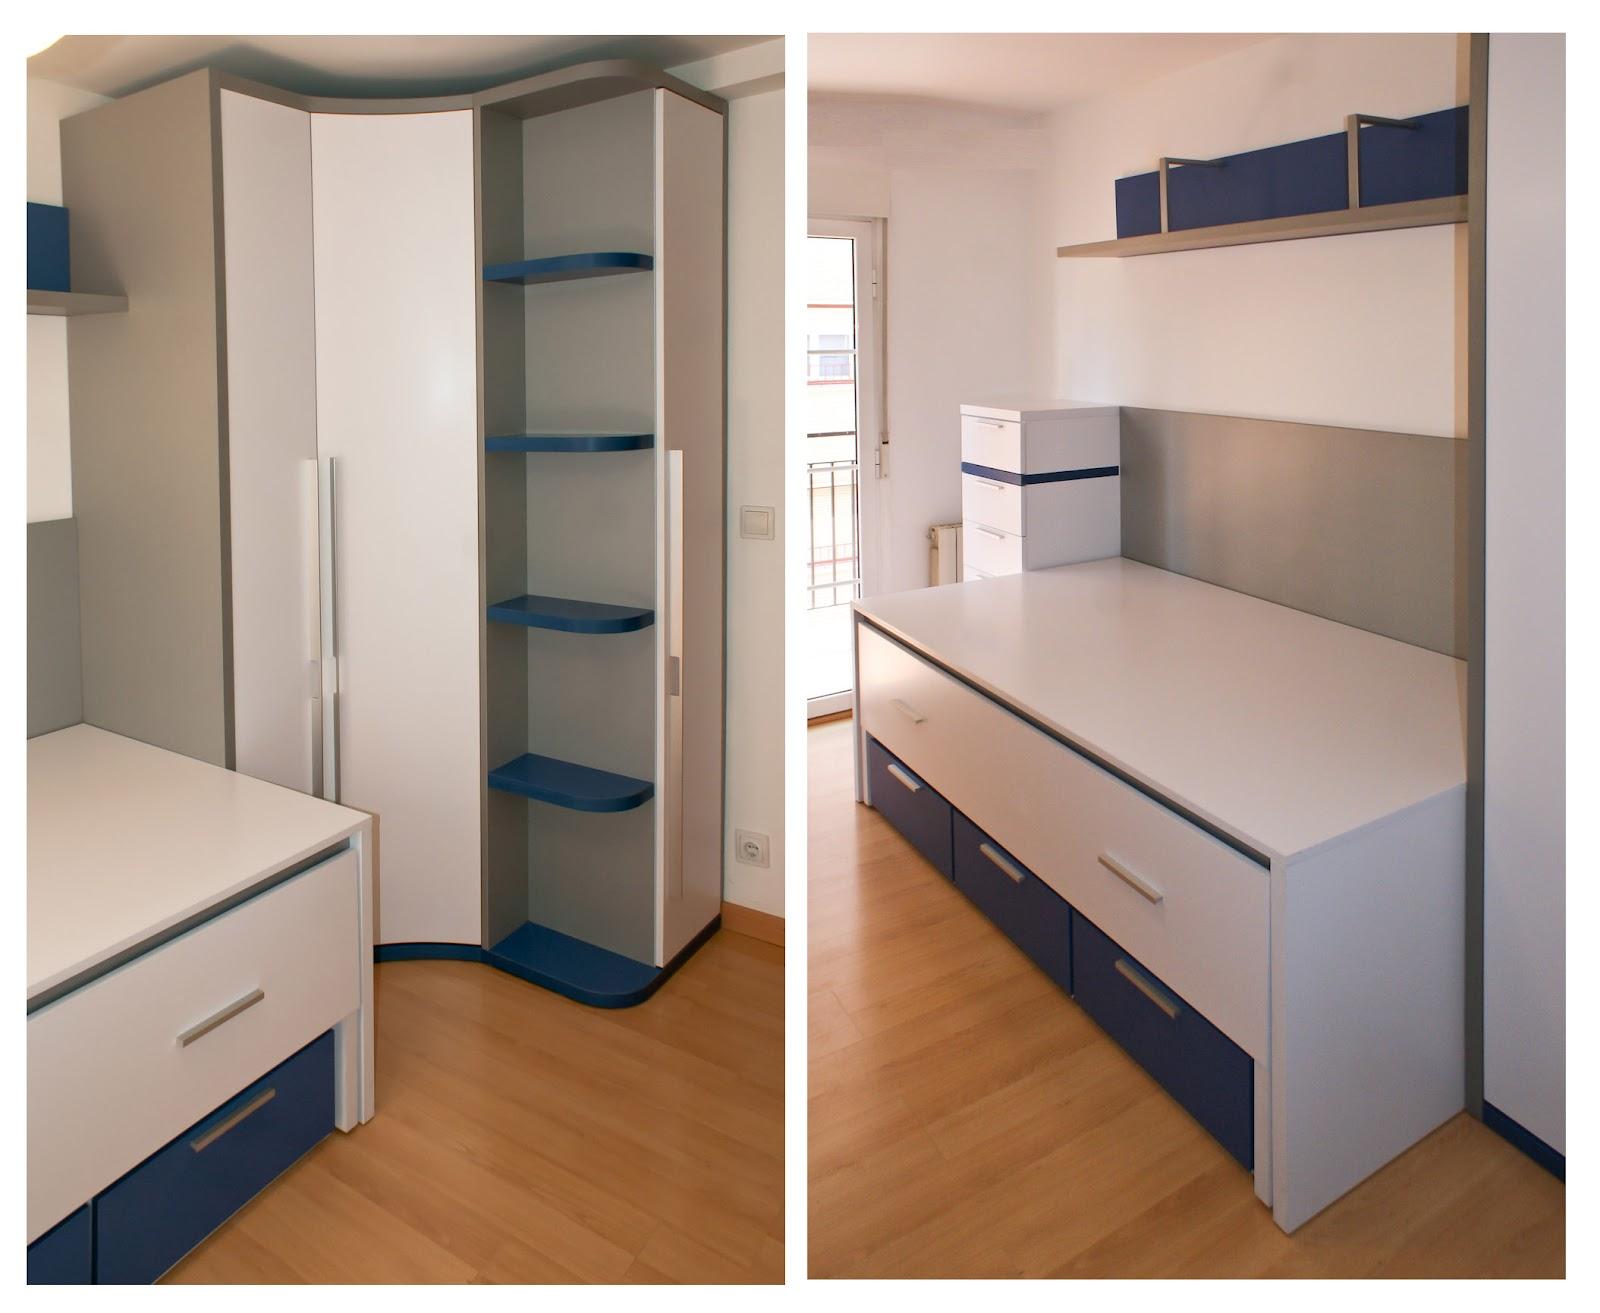 Blog de muebles soluciones zaragoza - Armarios de esquina a medida ...